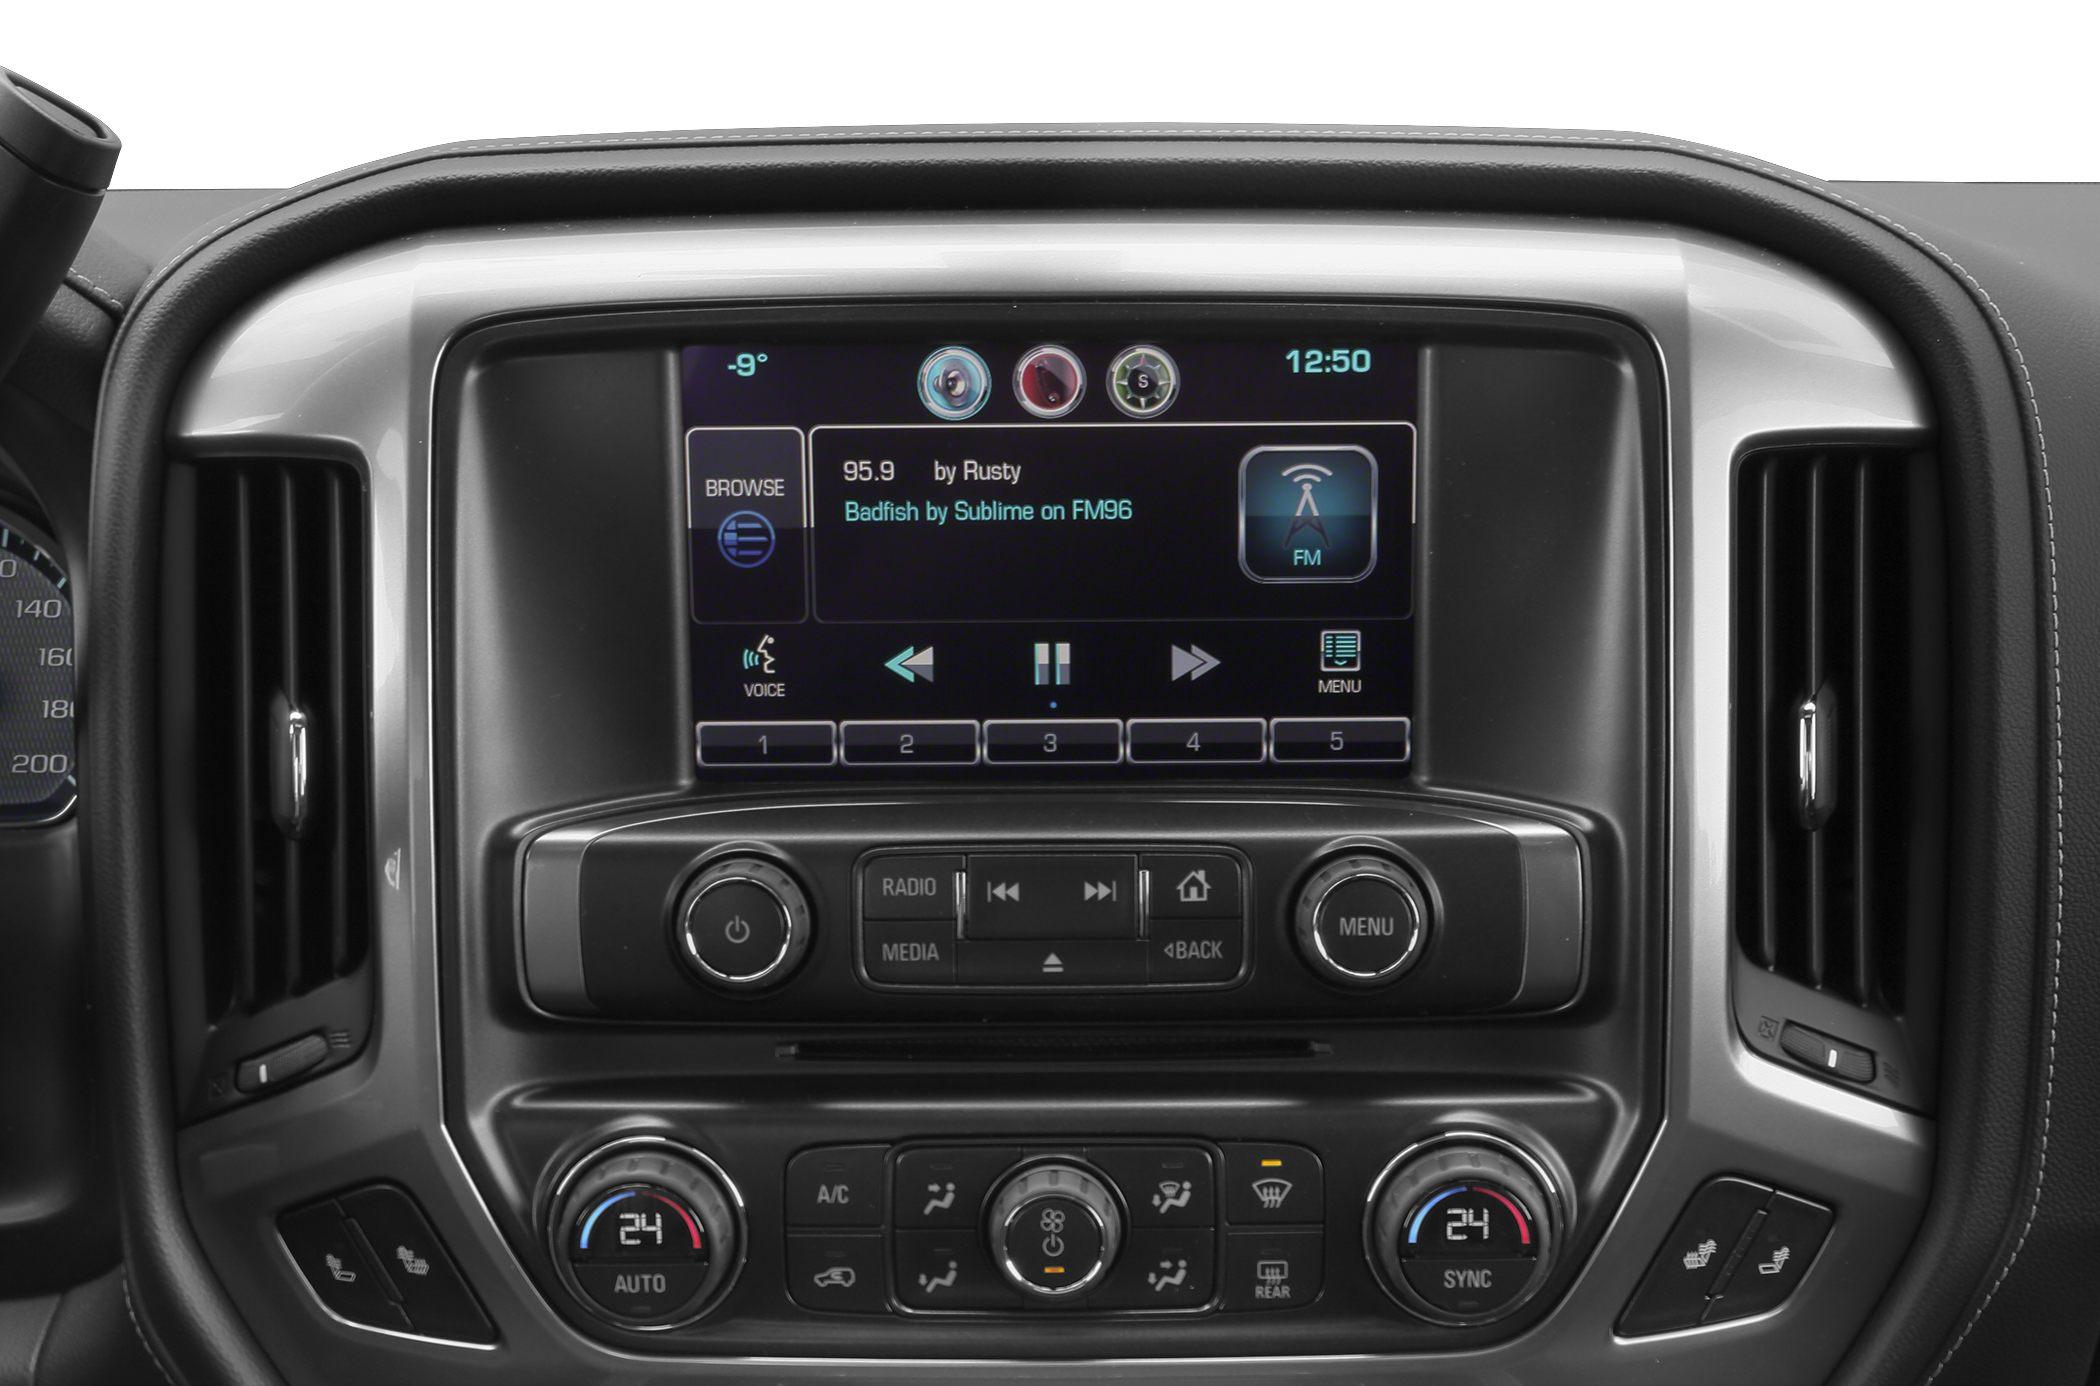 2015 Chevrolet Silverado 3500HD Radio